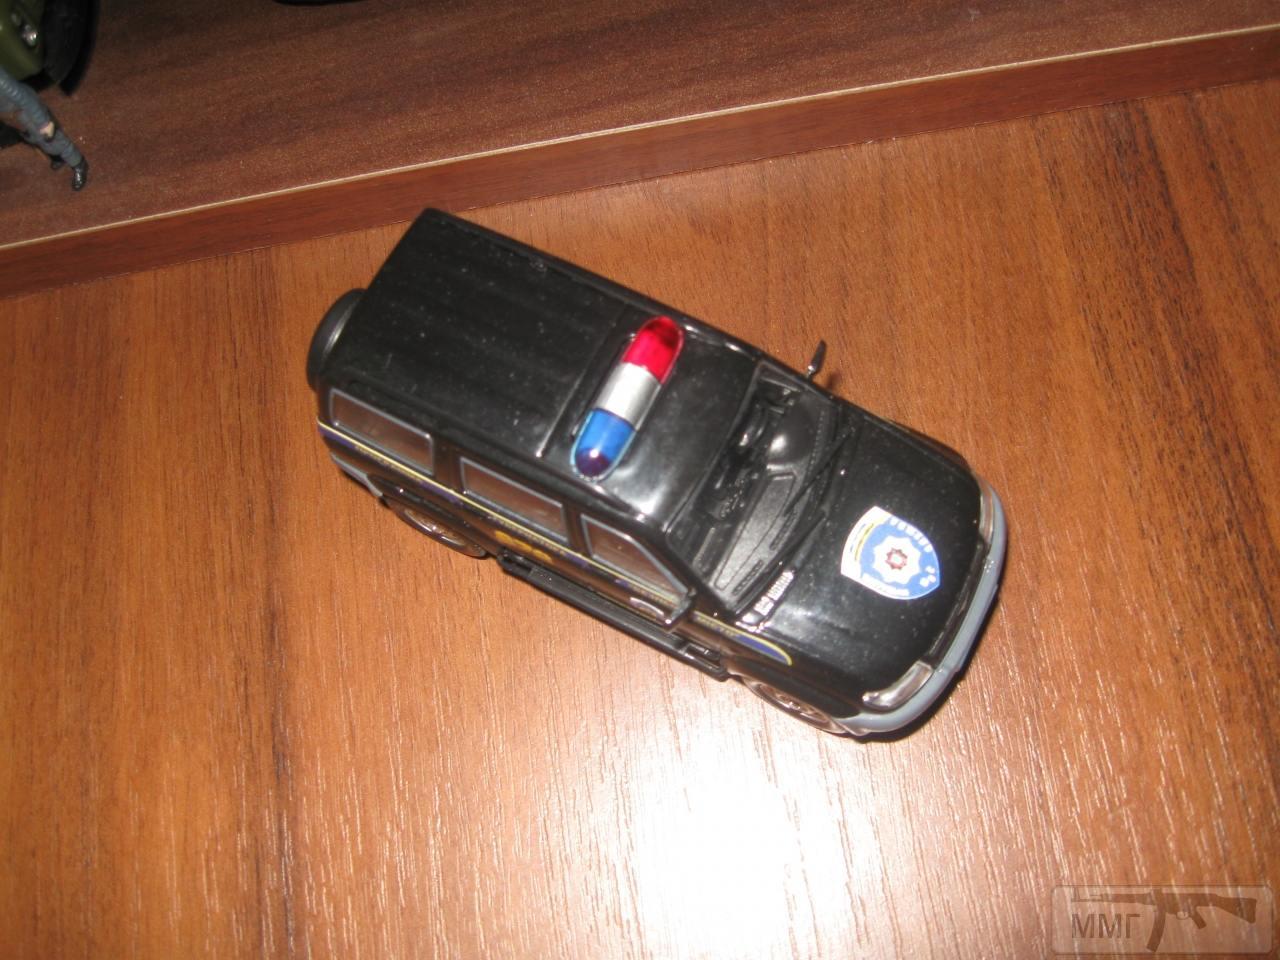 33880 - Модели легковых автомобилей